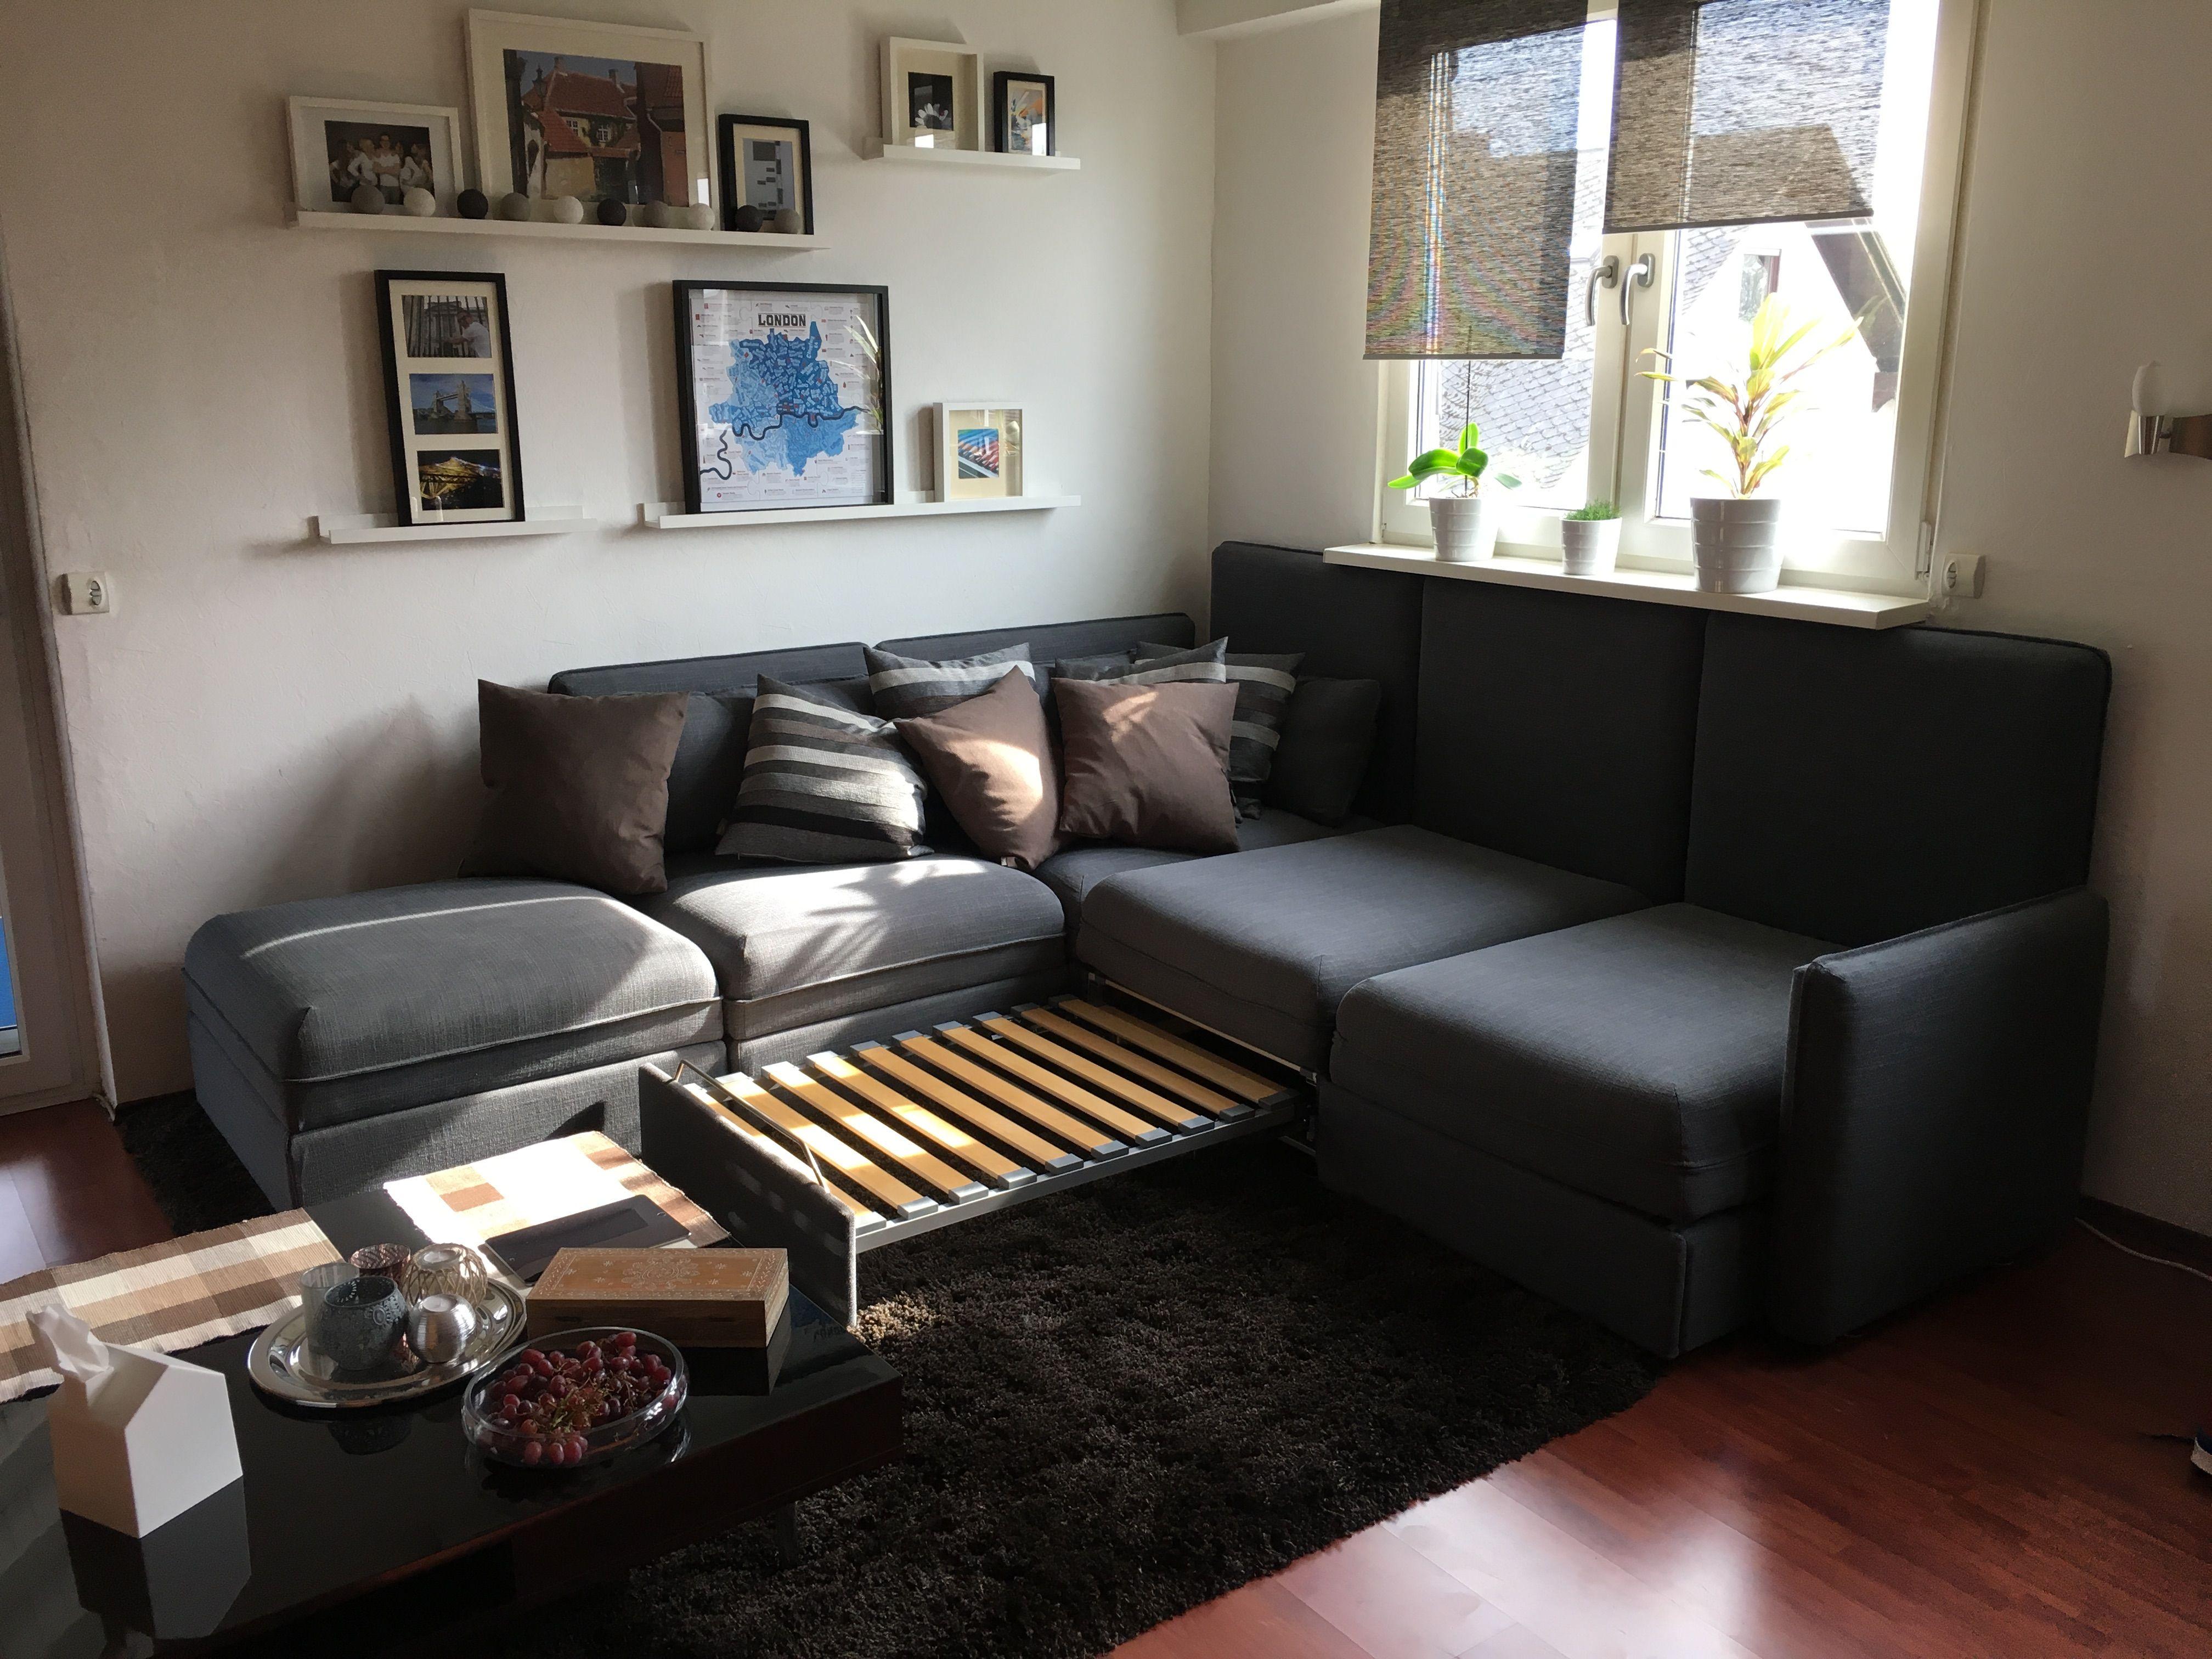 ikea vallentuna vallentuna pinterest ikea living room home. Black Bedroom Furniture Sets. Home Design Ideas